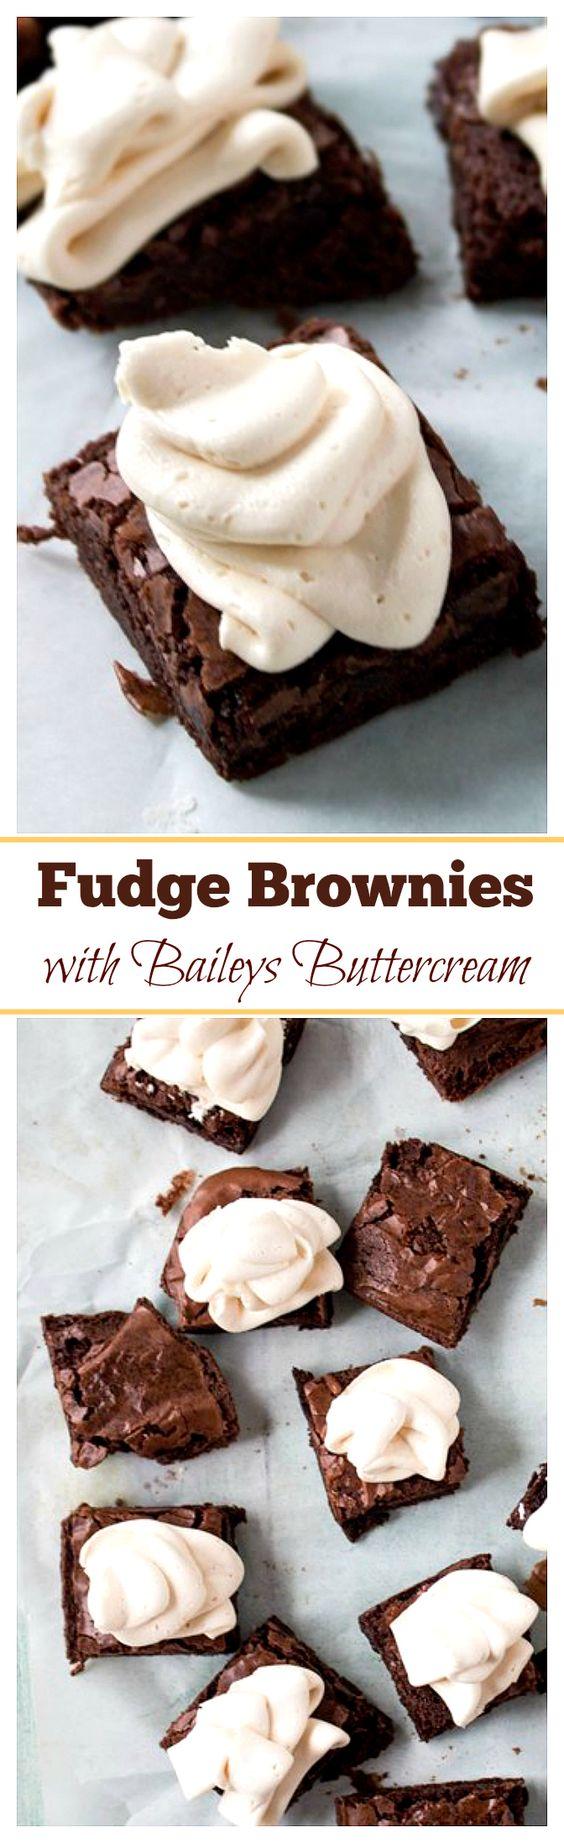 Fudge brownies, Fudge and Fudgy brownies on Pinterest